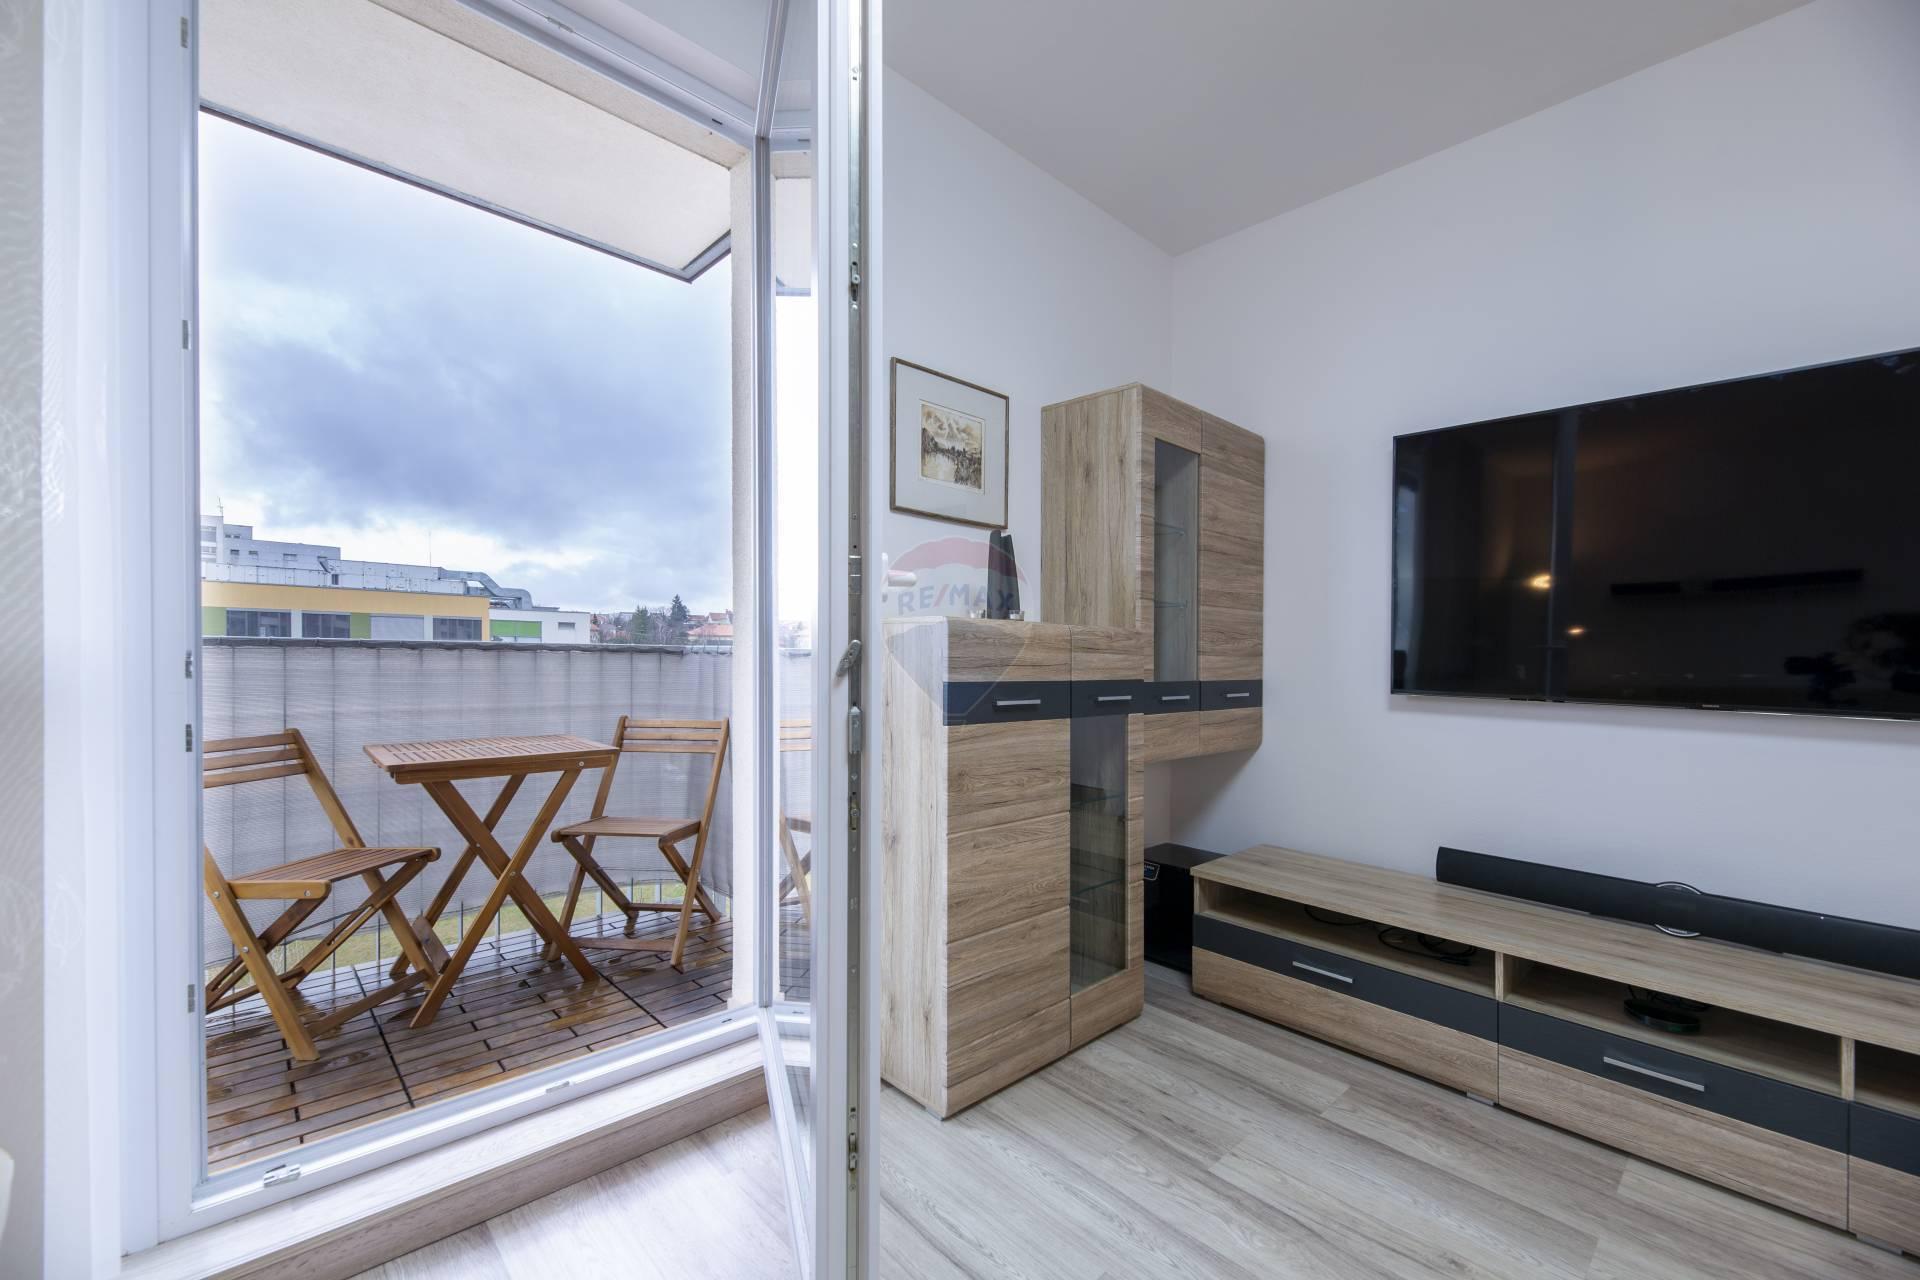 Prenájom 3i bytu v centre Nitry 800€ vrátane réžie